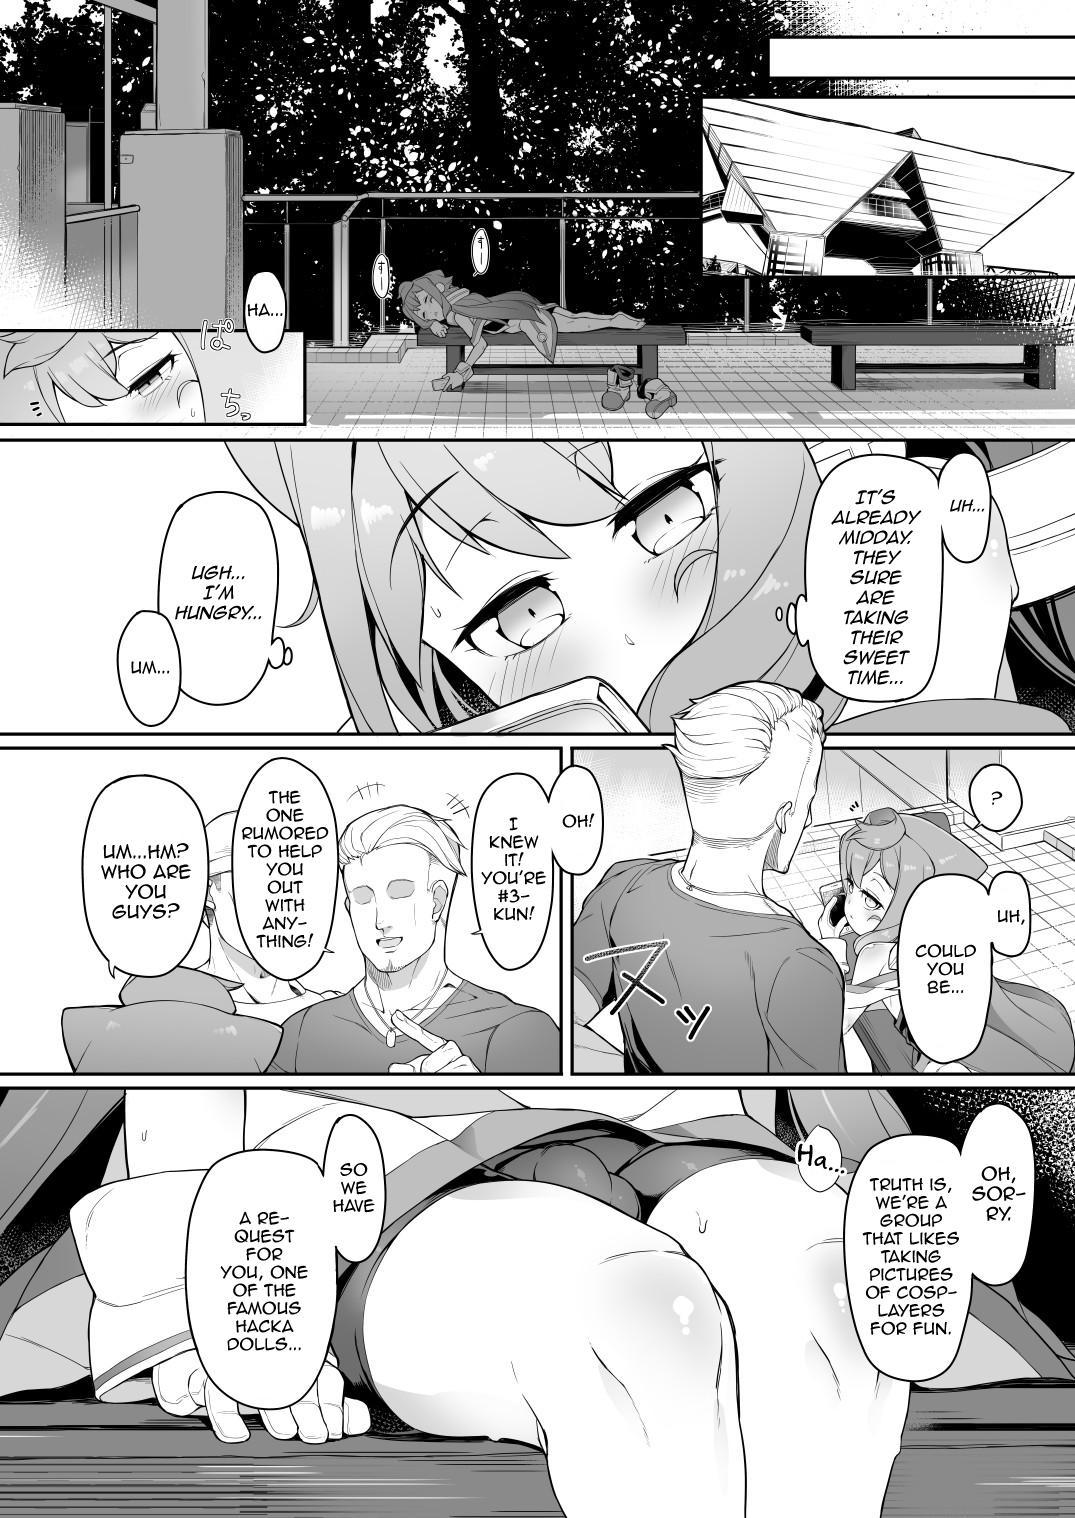 Natsu no Hacka Doll Satsueikai! 2